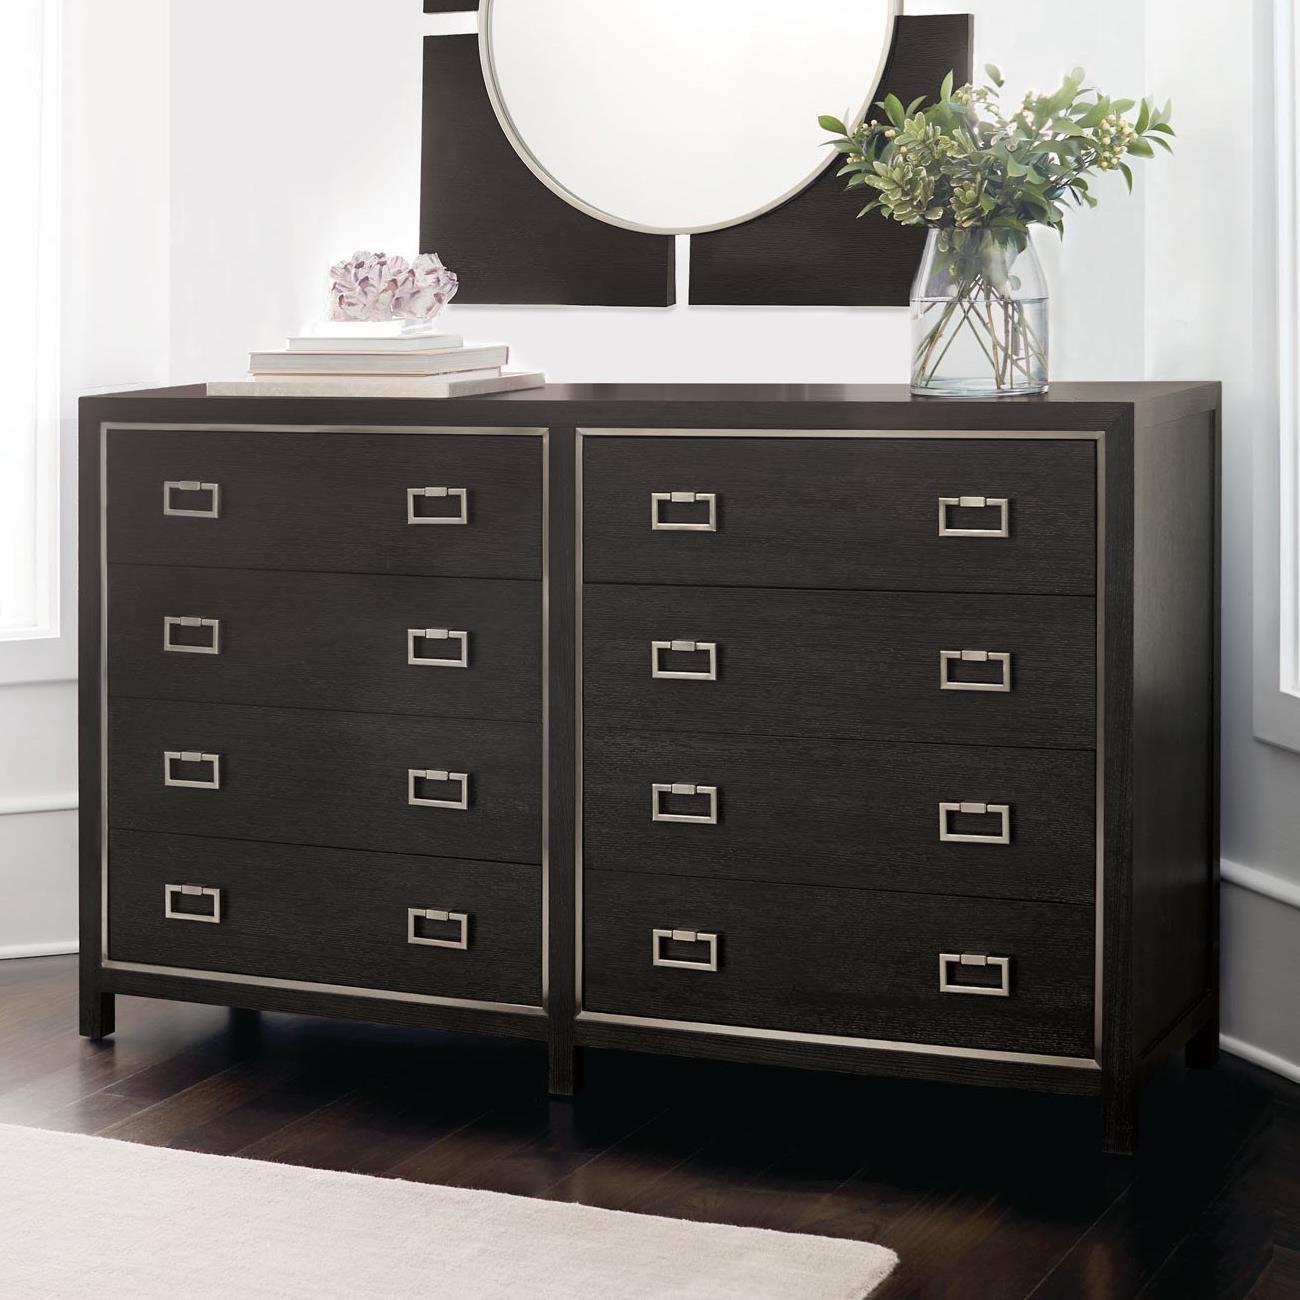 Bernhardt Decorage 380 054 Contemporary 8 Drawer Dresser